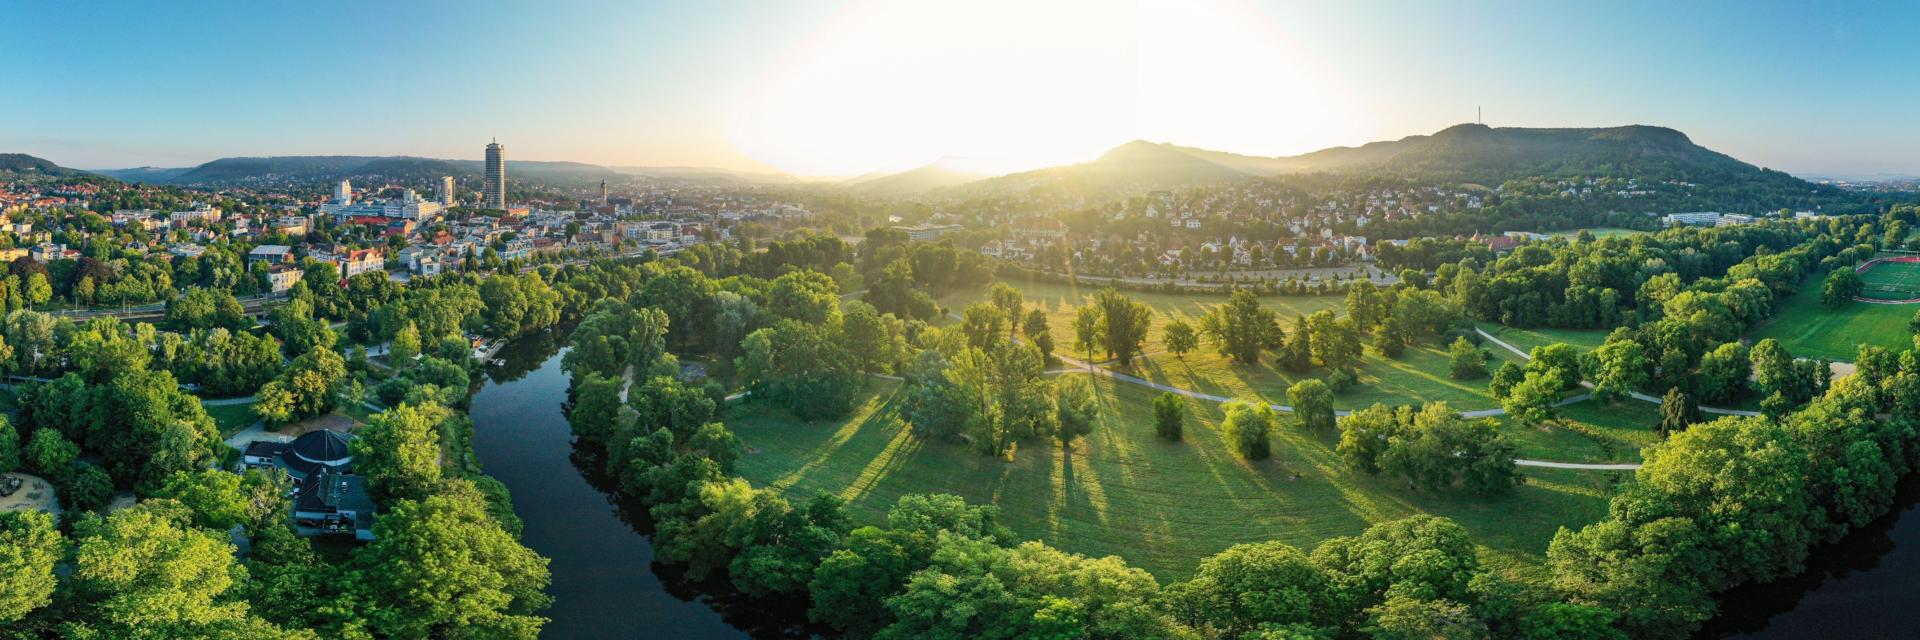 Paradiespark mit Saalelauf von oben